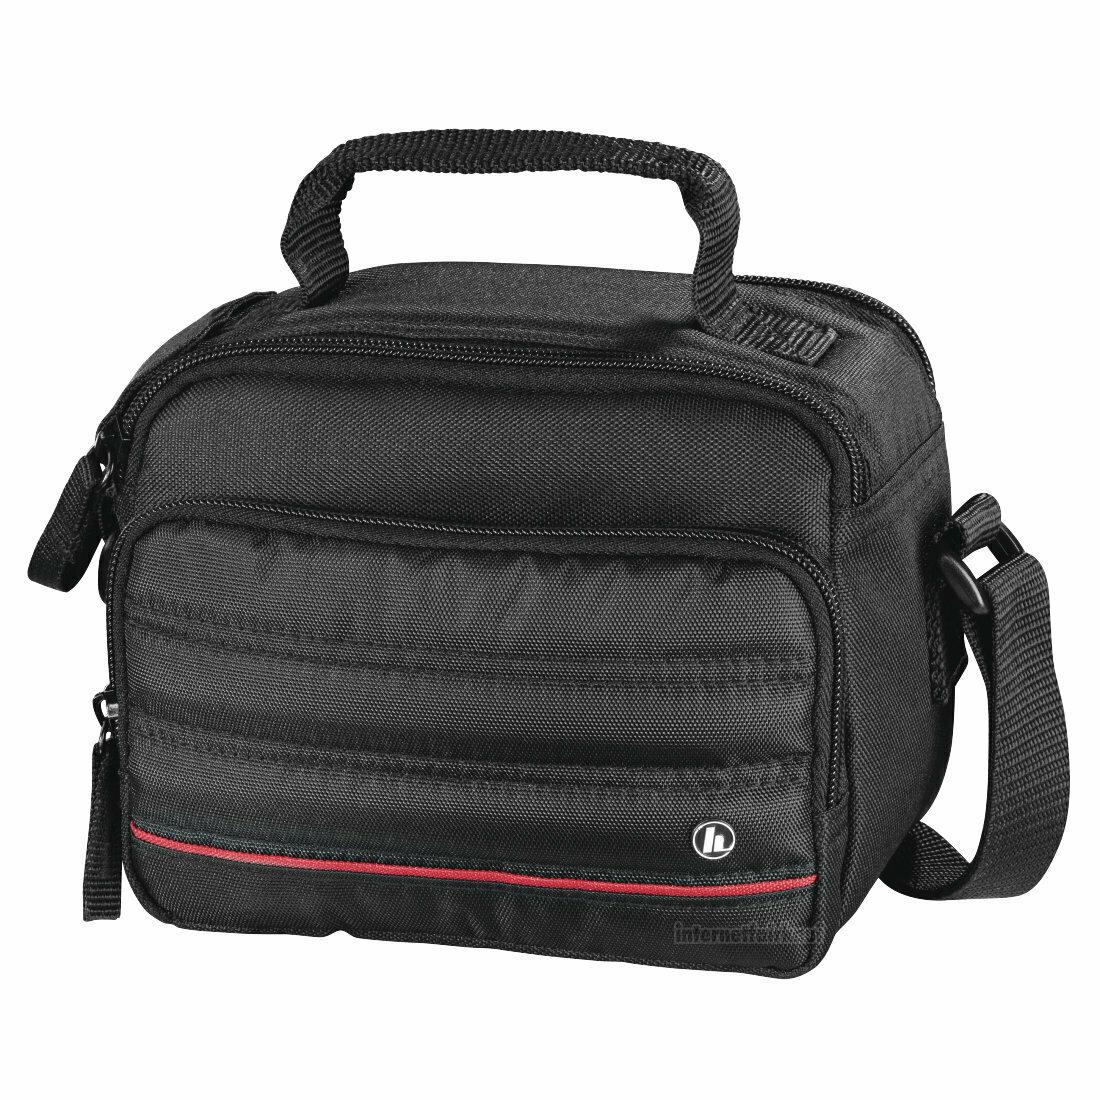 Fototasche Kameratasche passend für Nikon D3000 D3100 und 18-55mm Objektiv